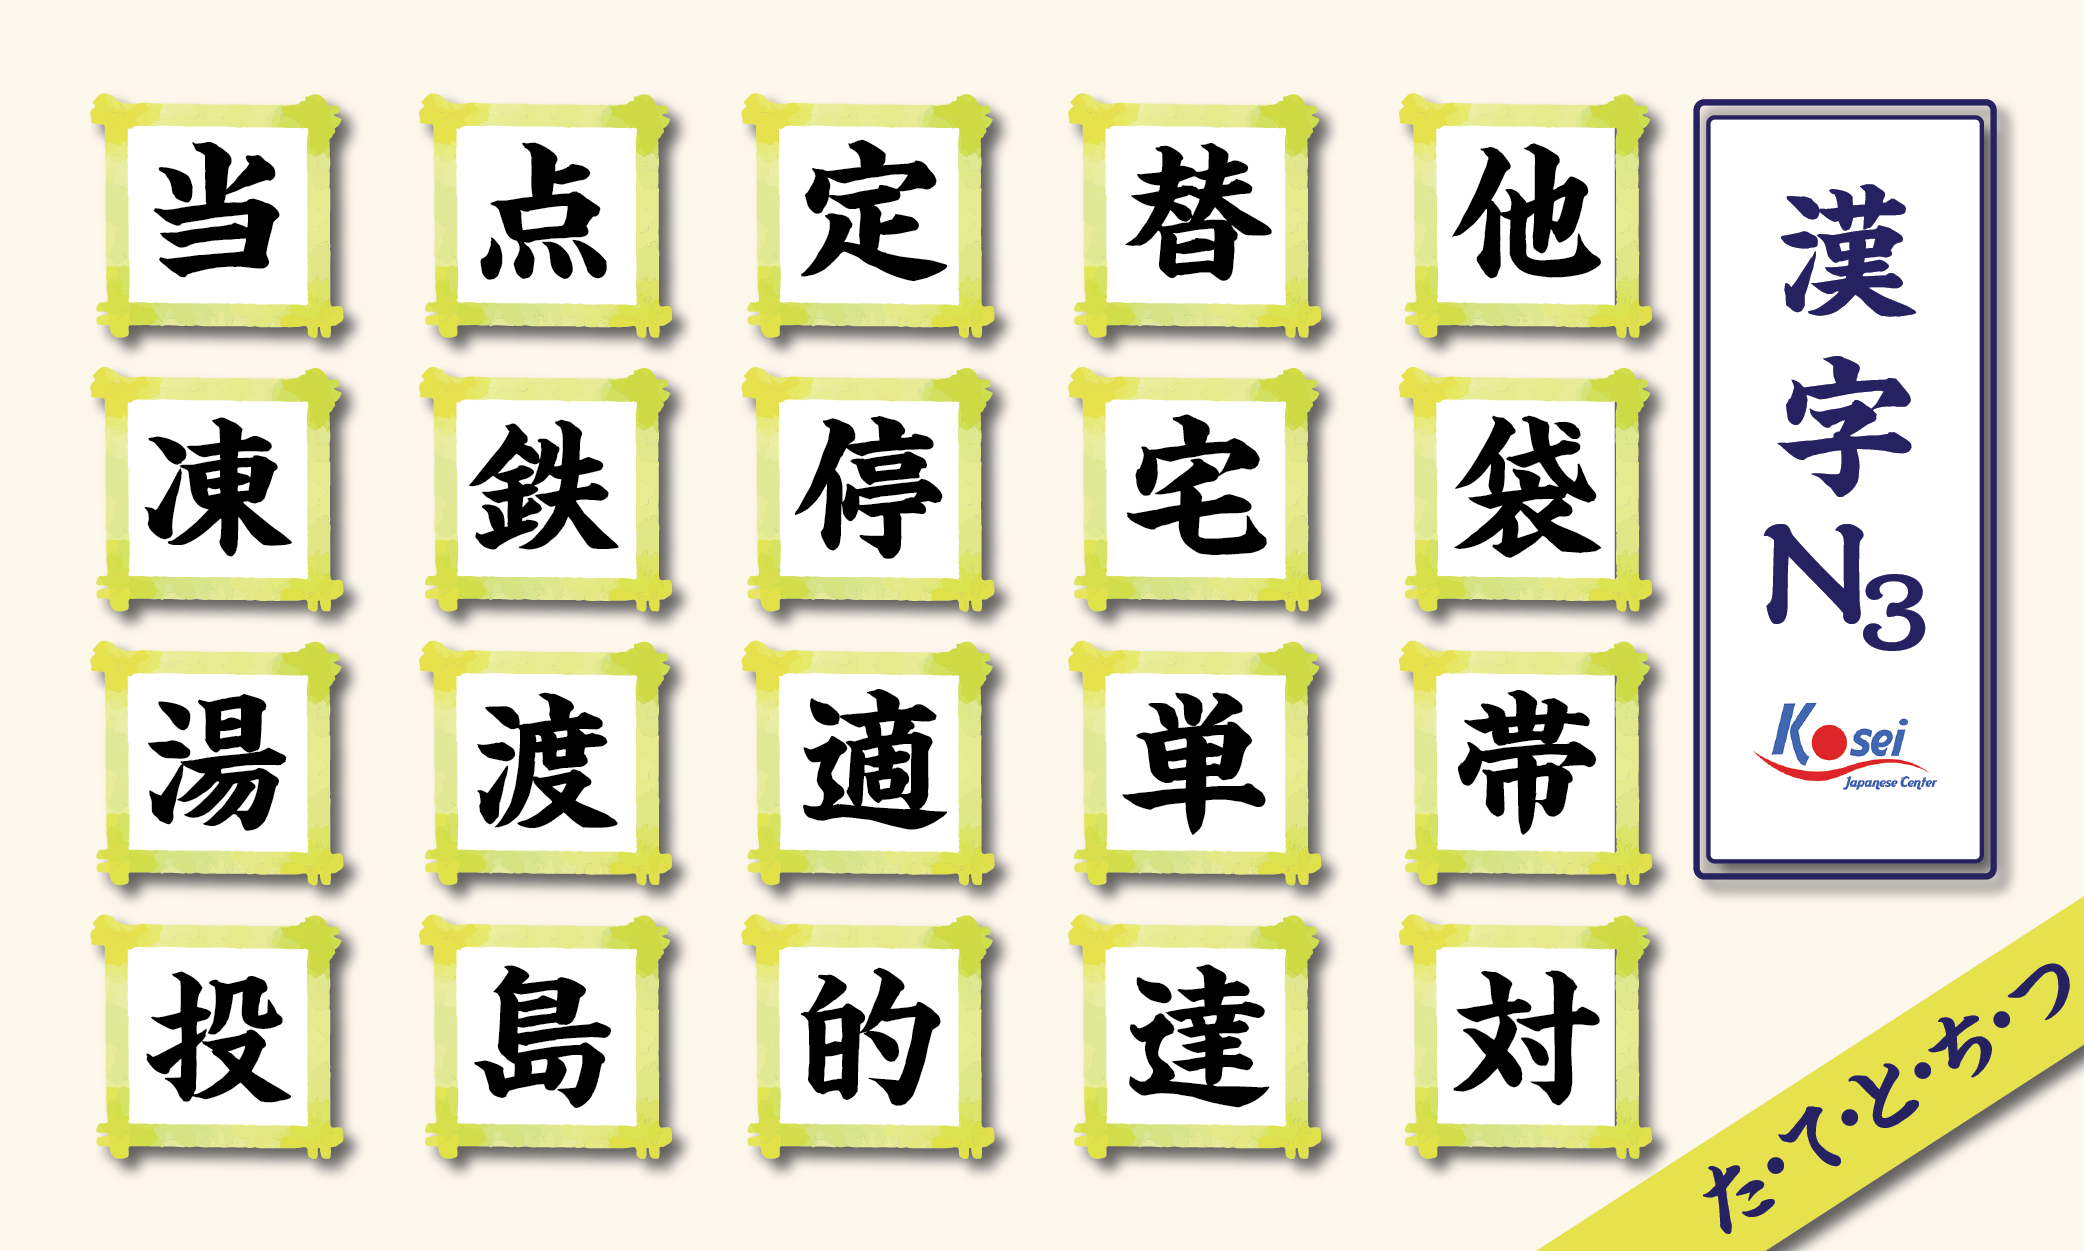 https://kosei.vn/tong-hop-kanji-n3-theo-am-on-hang-t-n2272.html